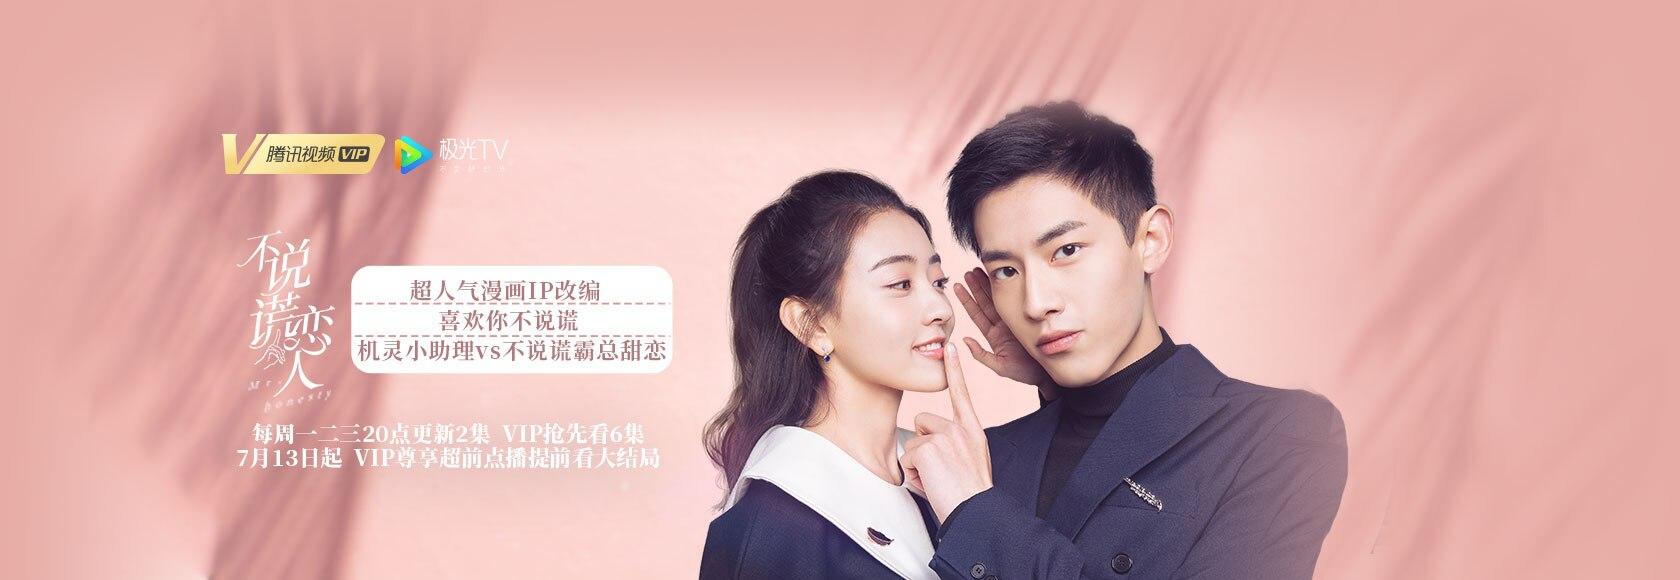 不说谎恋人电视高清宣传海报1680X580